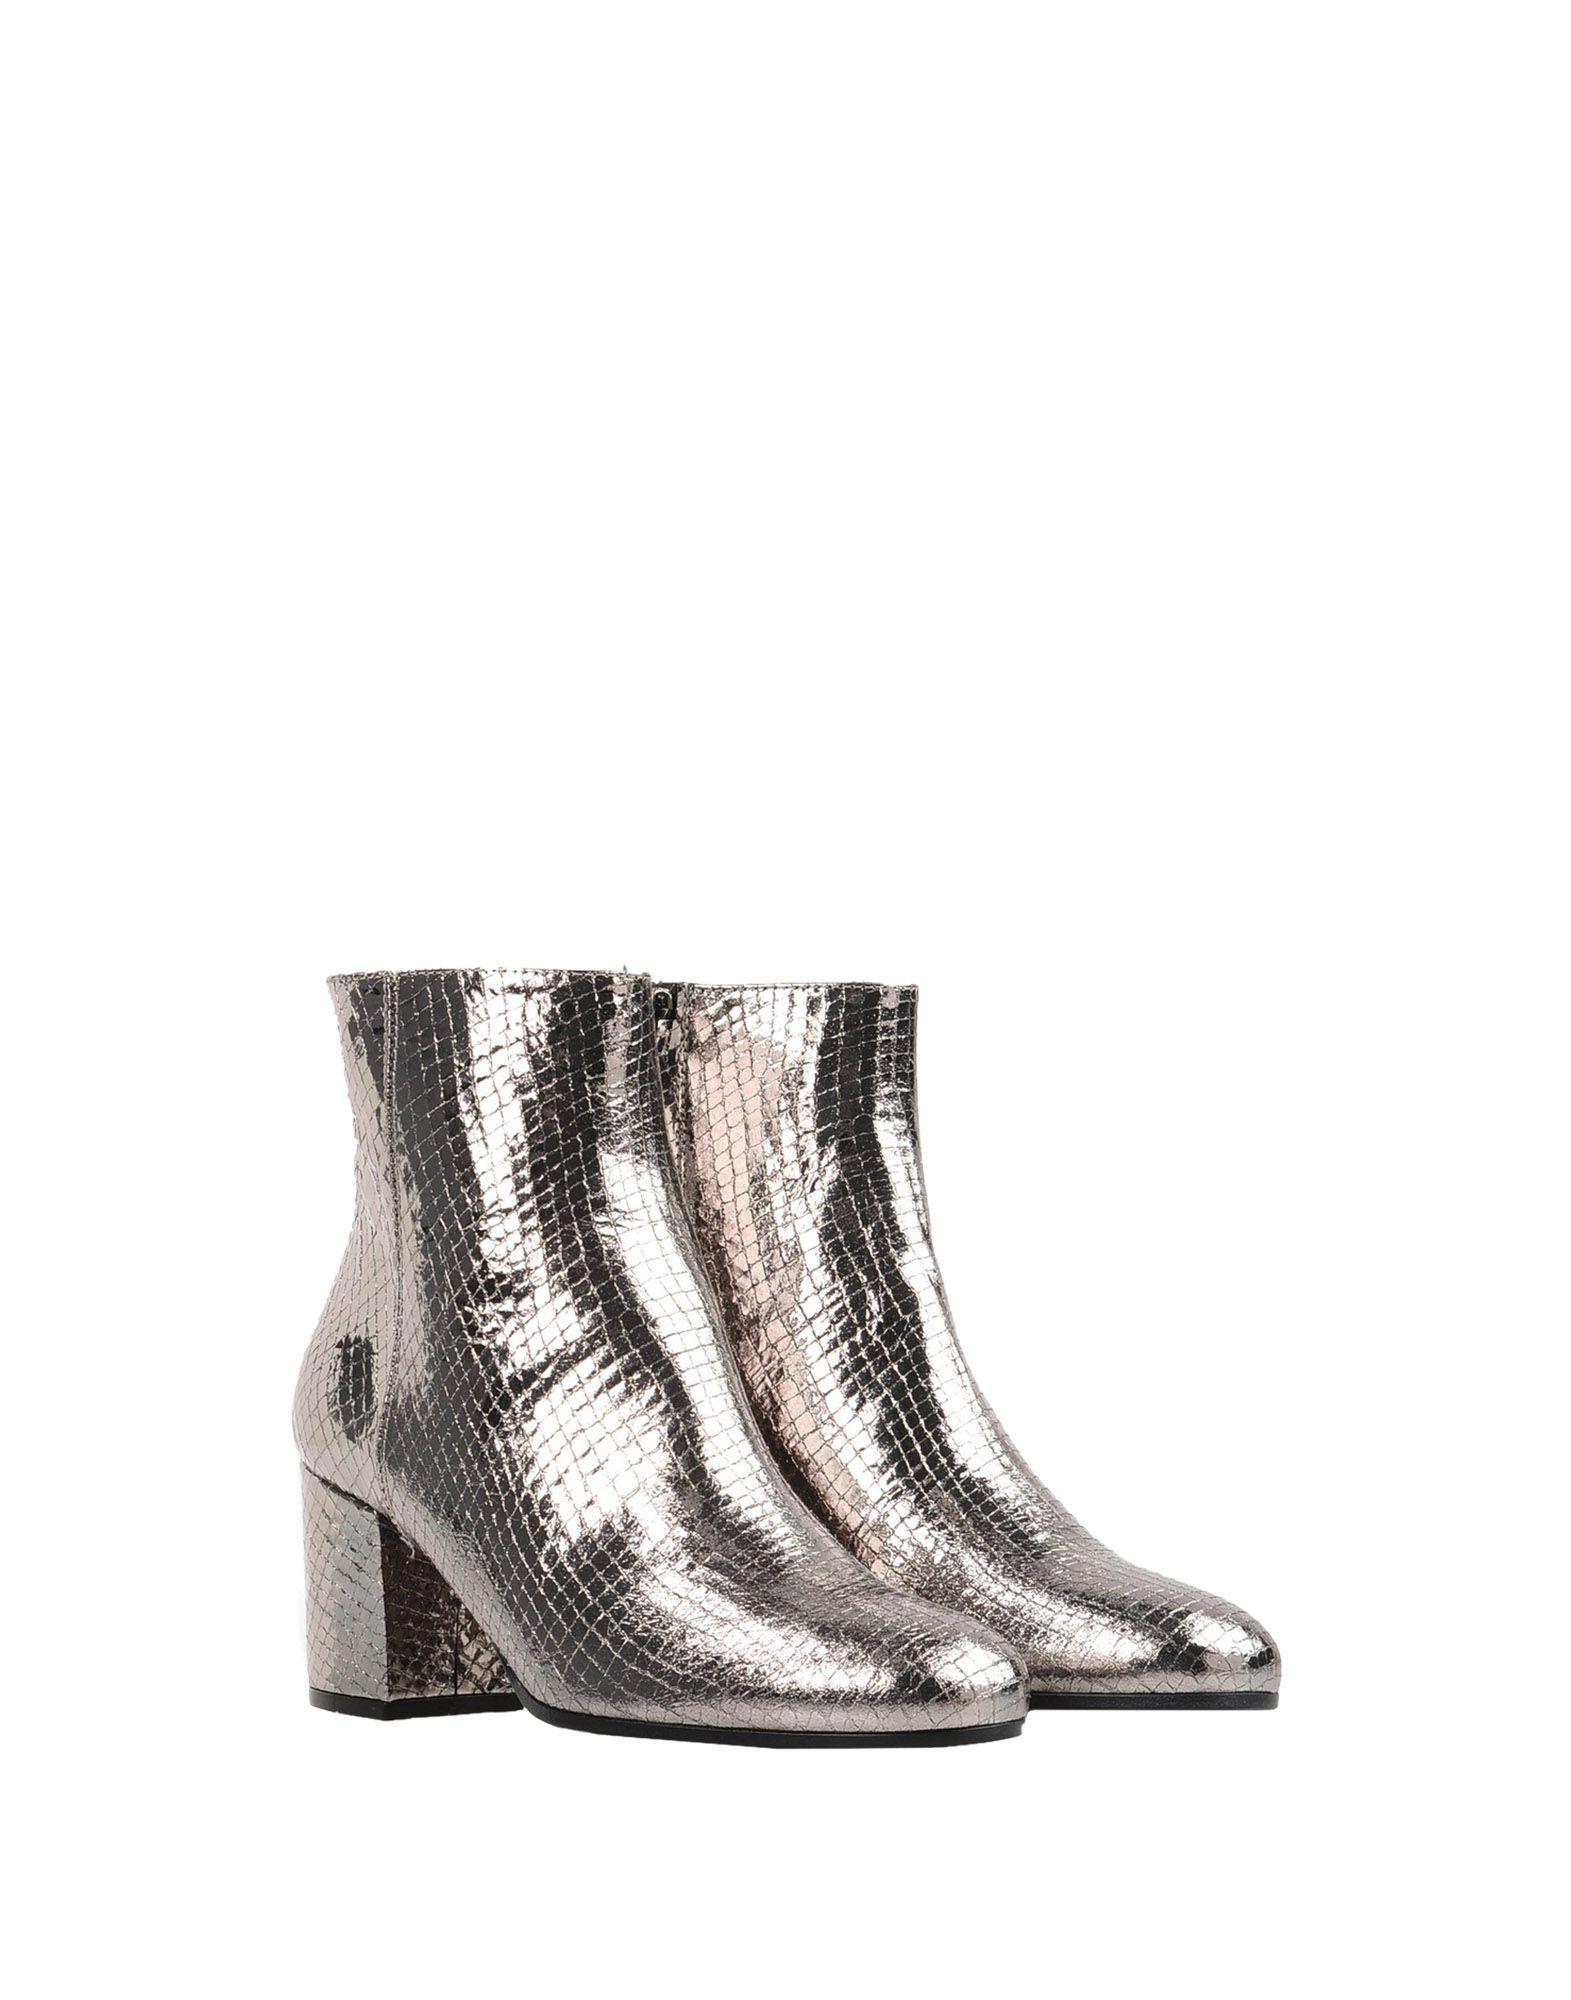 Paris Paris Paris Texas Stiefelette Damen  11334556MG Beliebte Schuhe 9cb374